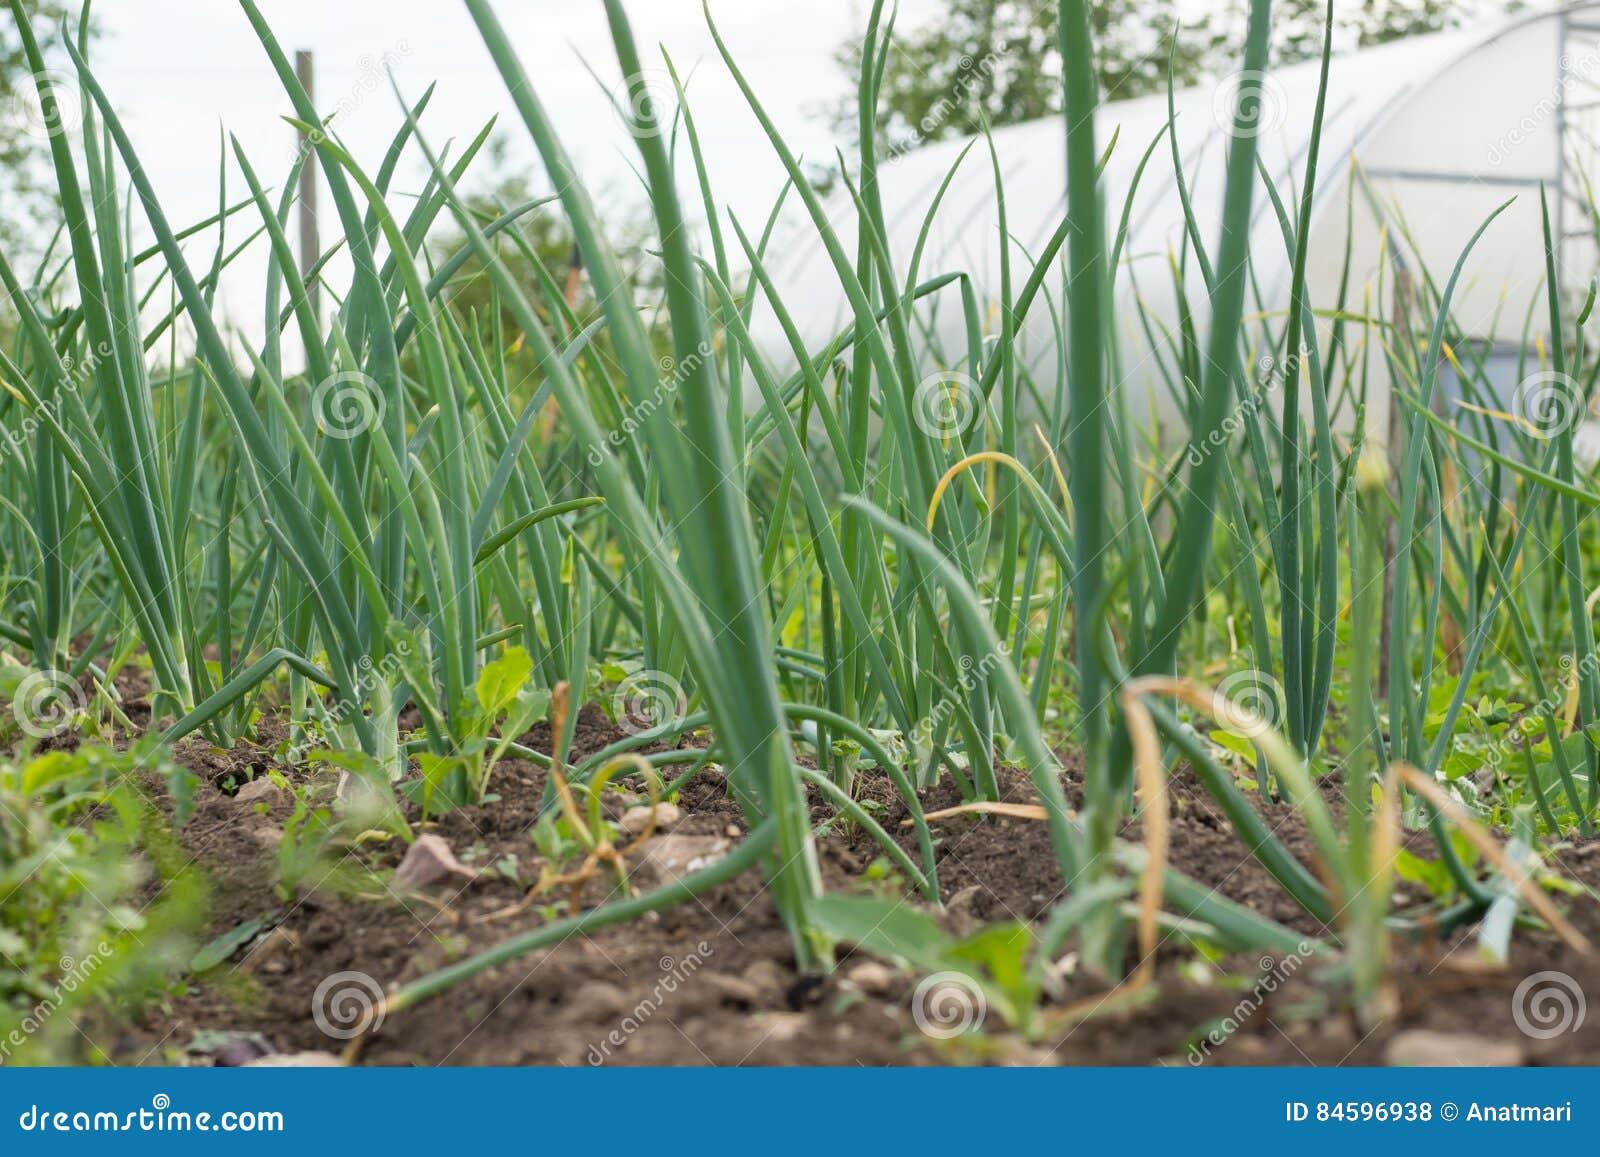 Świeża zielona cebula opuszcza dorośnięcie w ogródzie